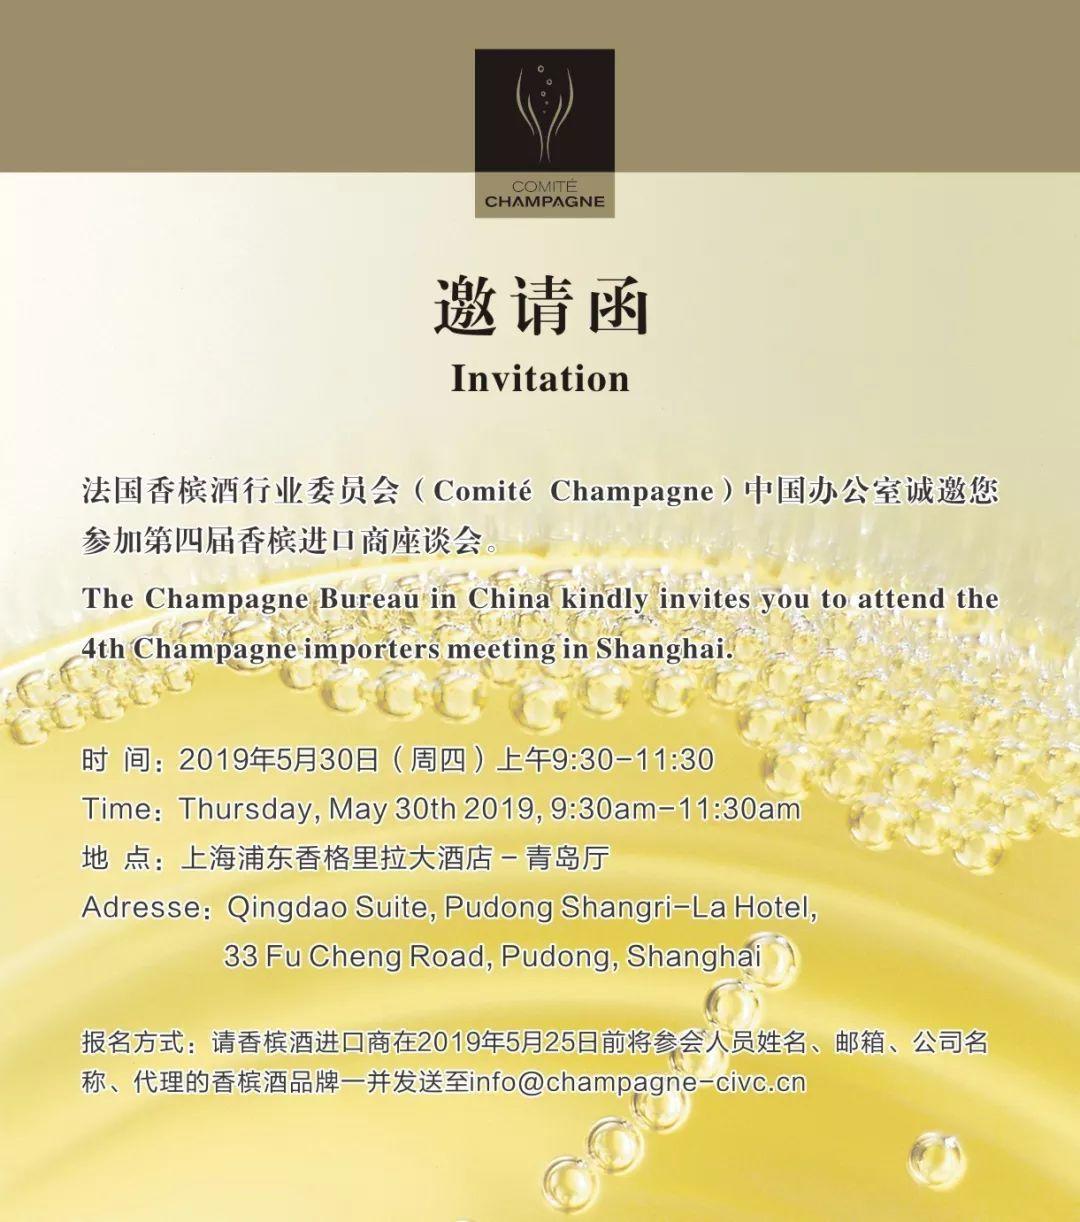 第四届香槟进口商座谈会,我们在上海等你!